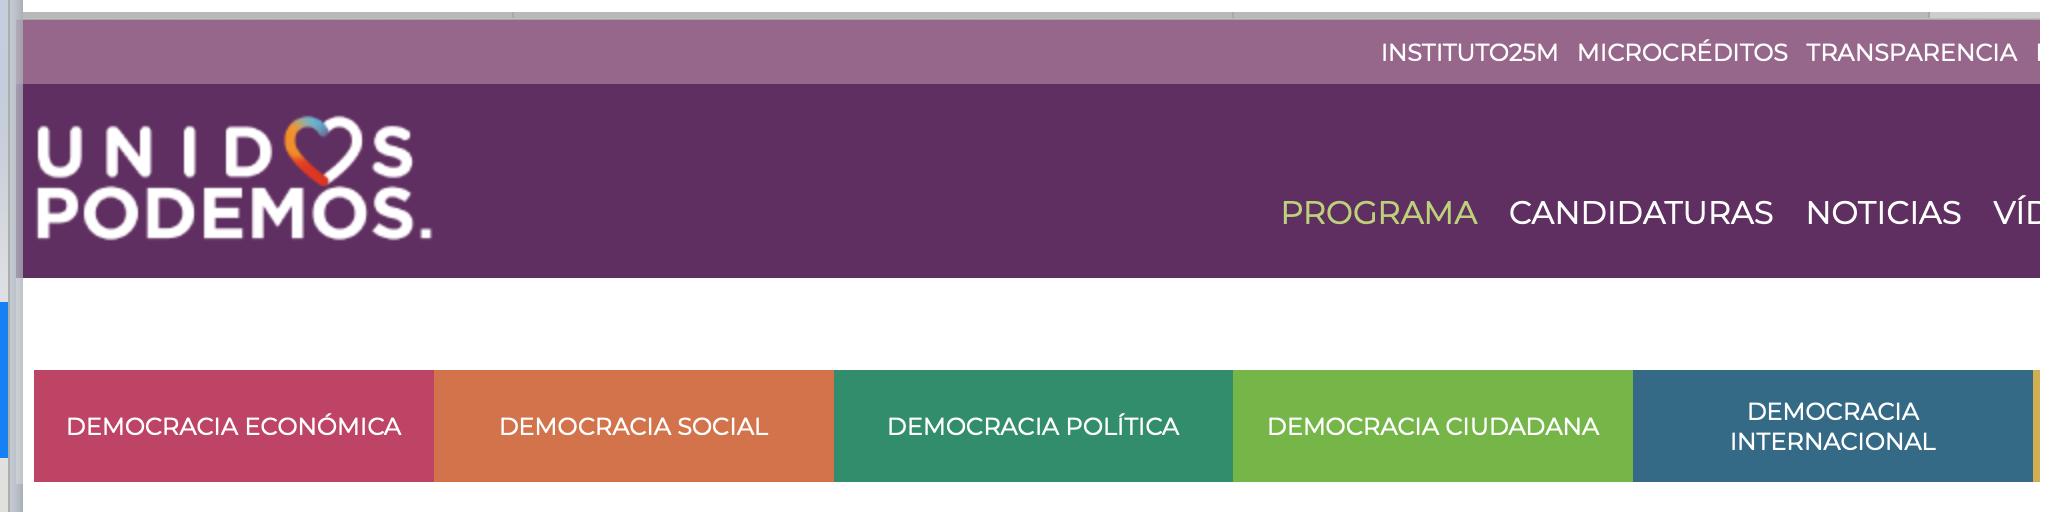 En la pagina de Podemos (España), referente del Frente Amplio, se puede apreciar que la democracia pasó a ser cualquier cosa menos democracia. Si hace click en cada una de estos tipo de democracia se encontrará con la ambiciosa suma de más de 390 puntos. Ciertamente la democracia, un concepto tan simple de entender, se ha vuelto algo bastante elástico y carente de significado.